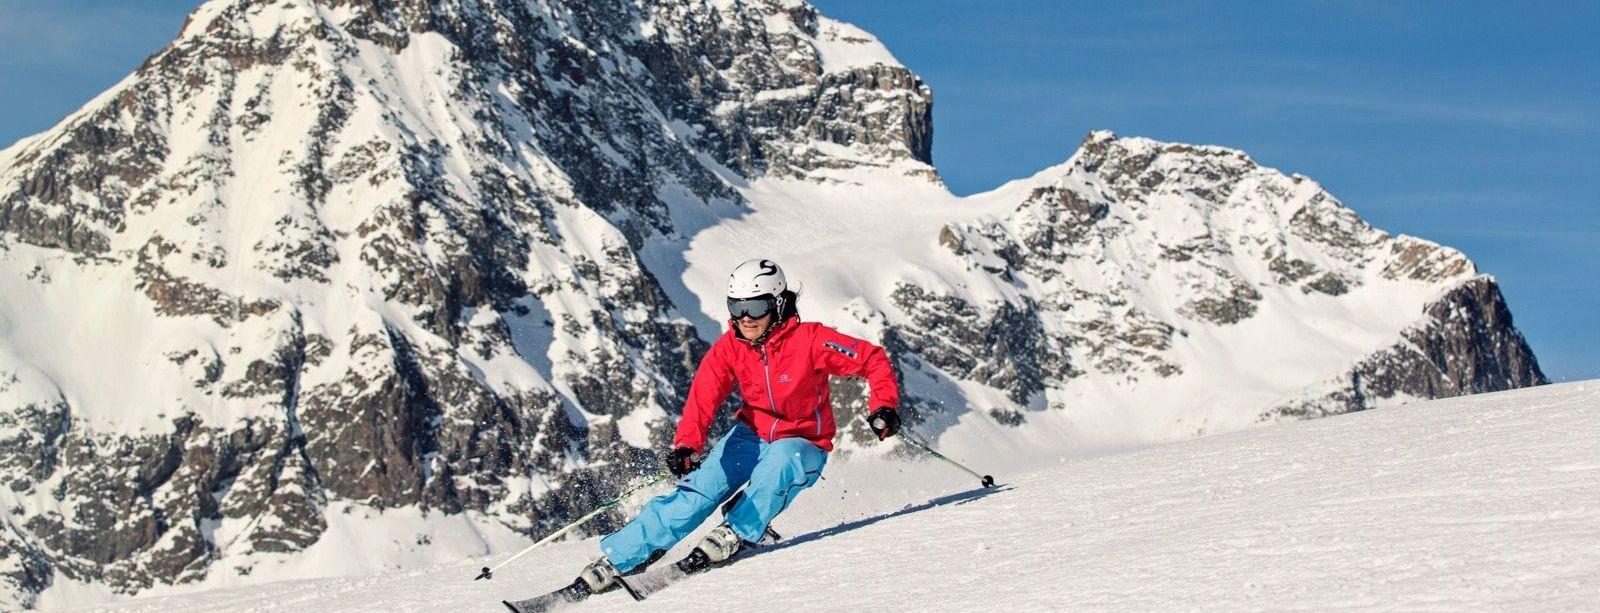 Engadin St. Moritz - Skiing